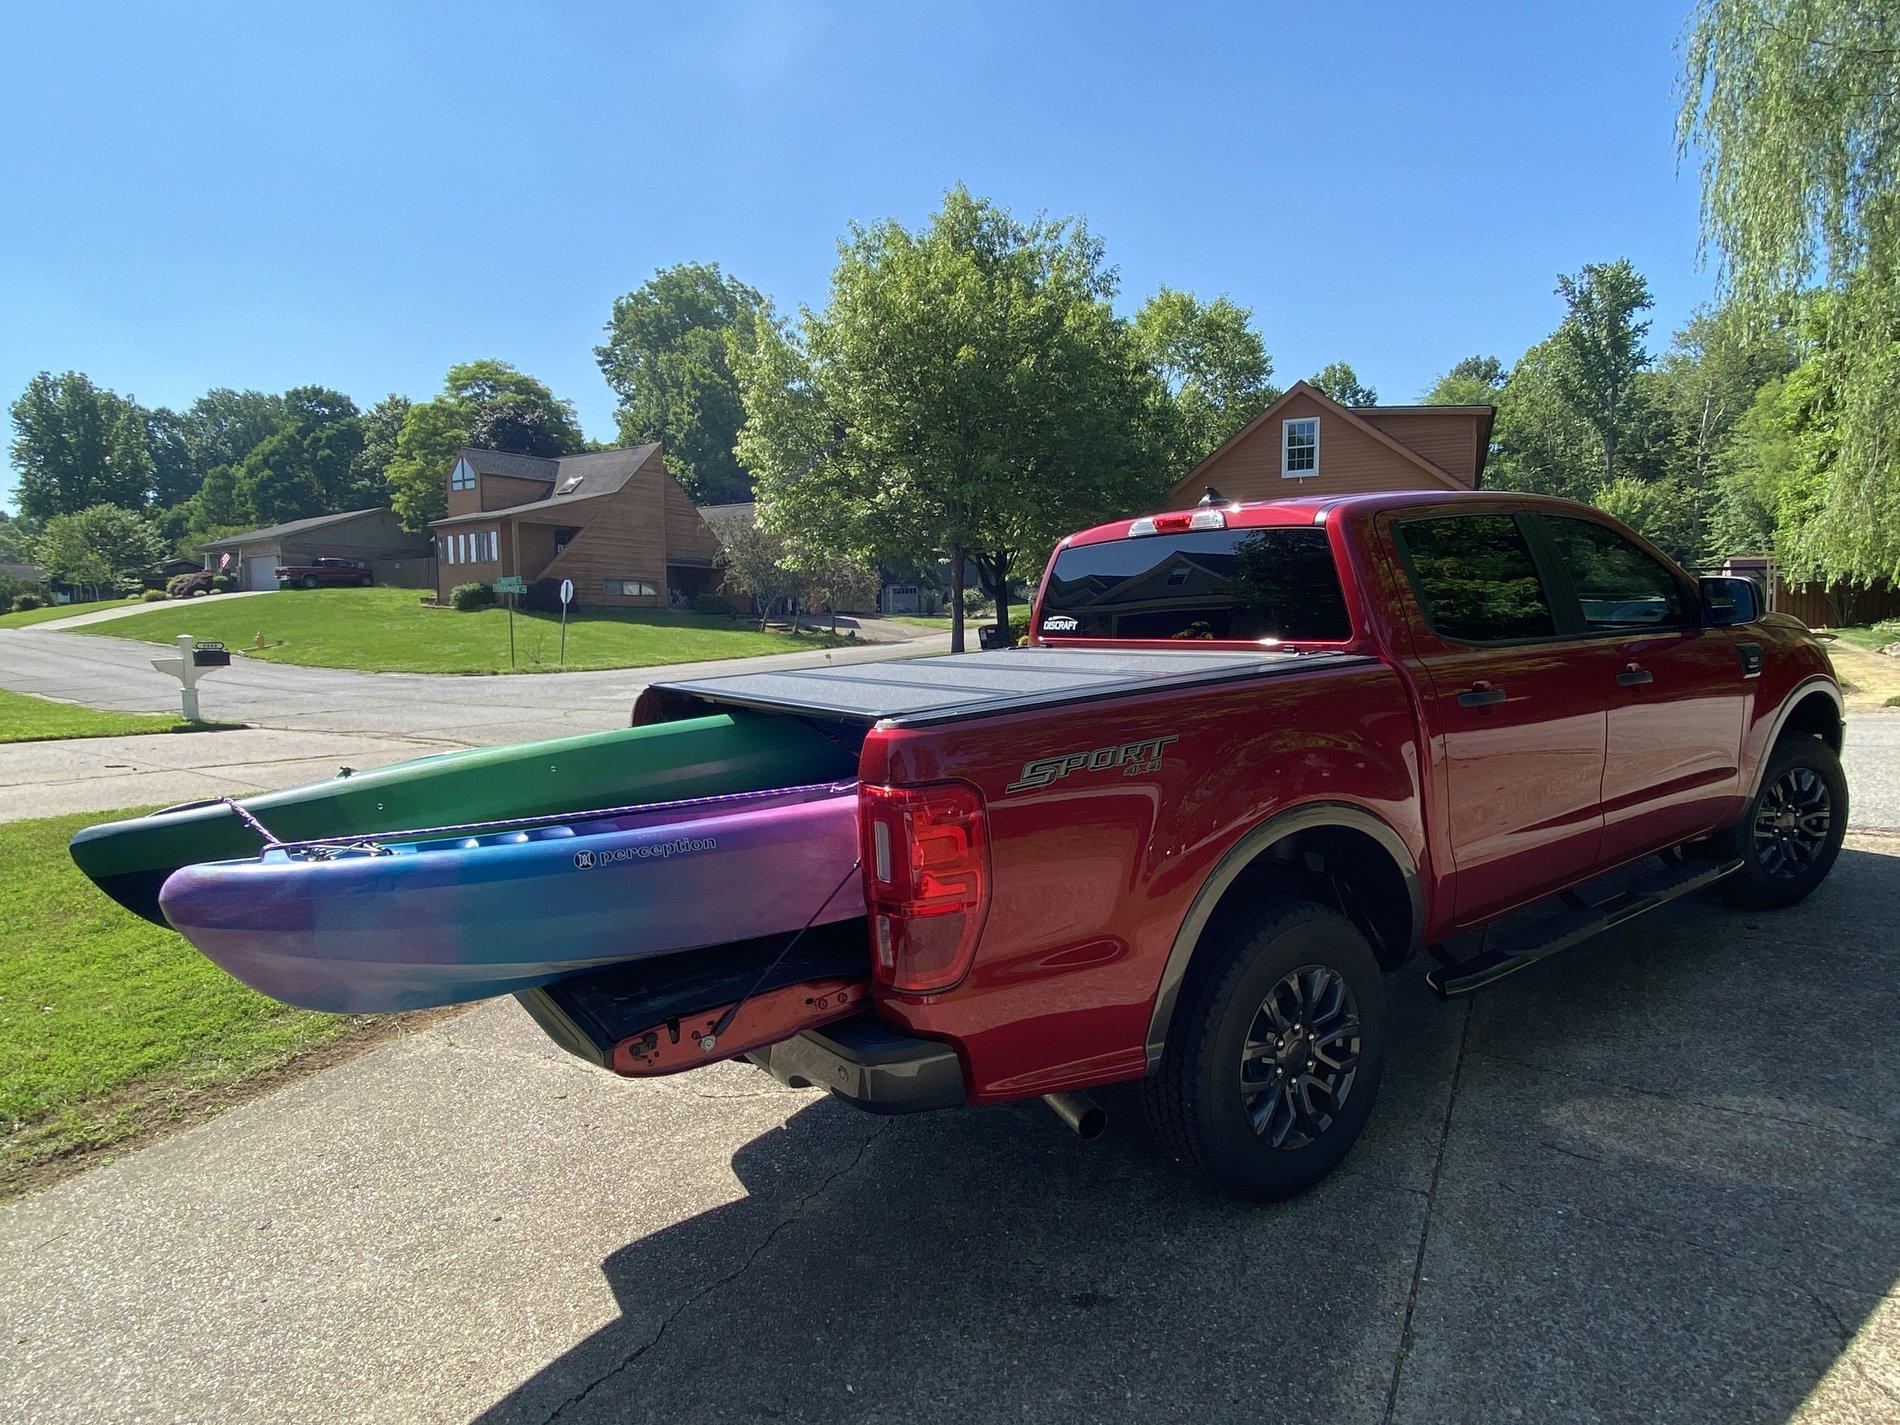 ranger kayak rack and bike rack options